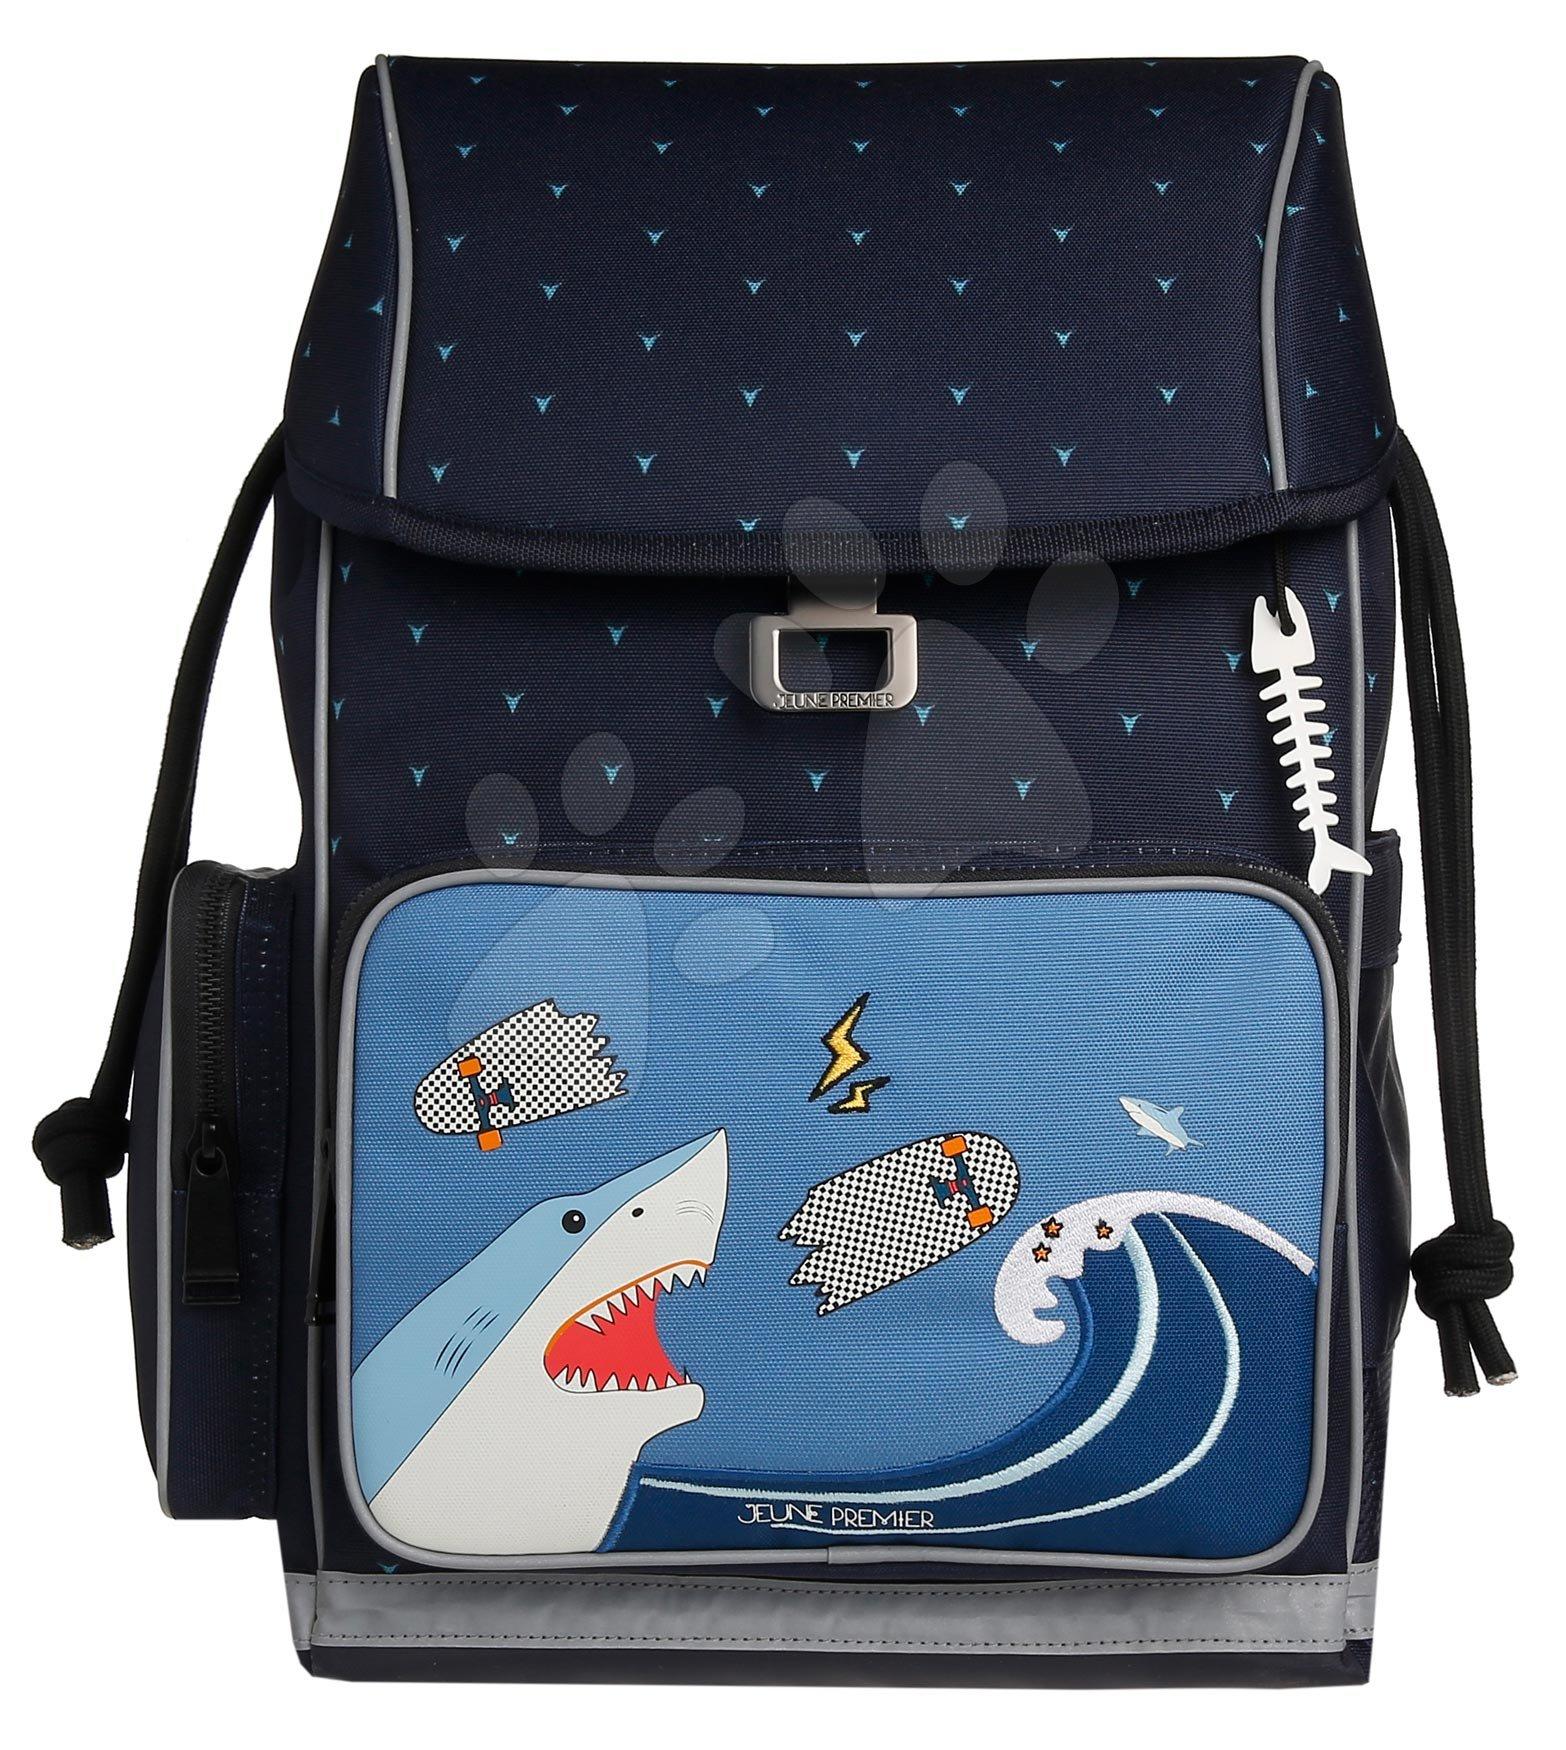 Školske torbe i ruksaci - Školský batoh veľký Ergomaxx Sharkie Jeune Premier ergonomický luxusné prevedenie 39*26 cm JPERX21174